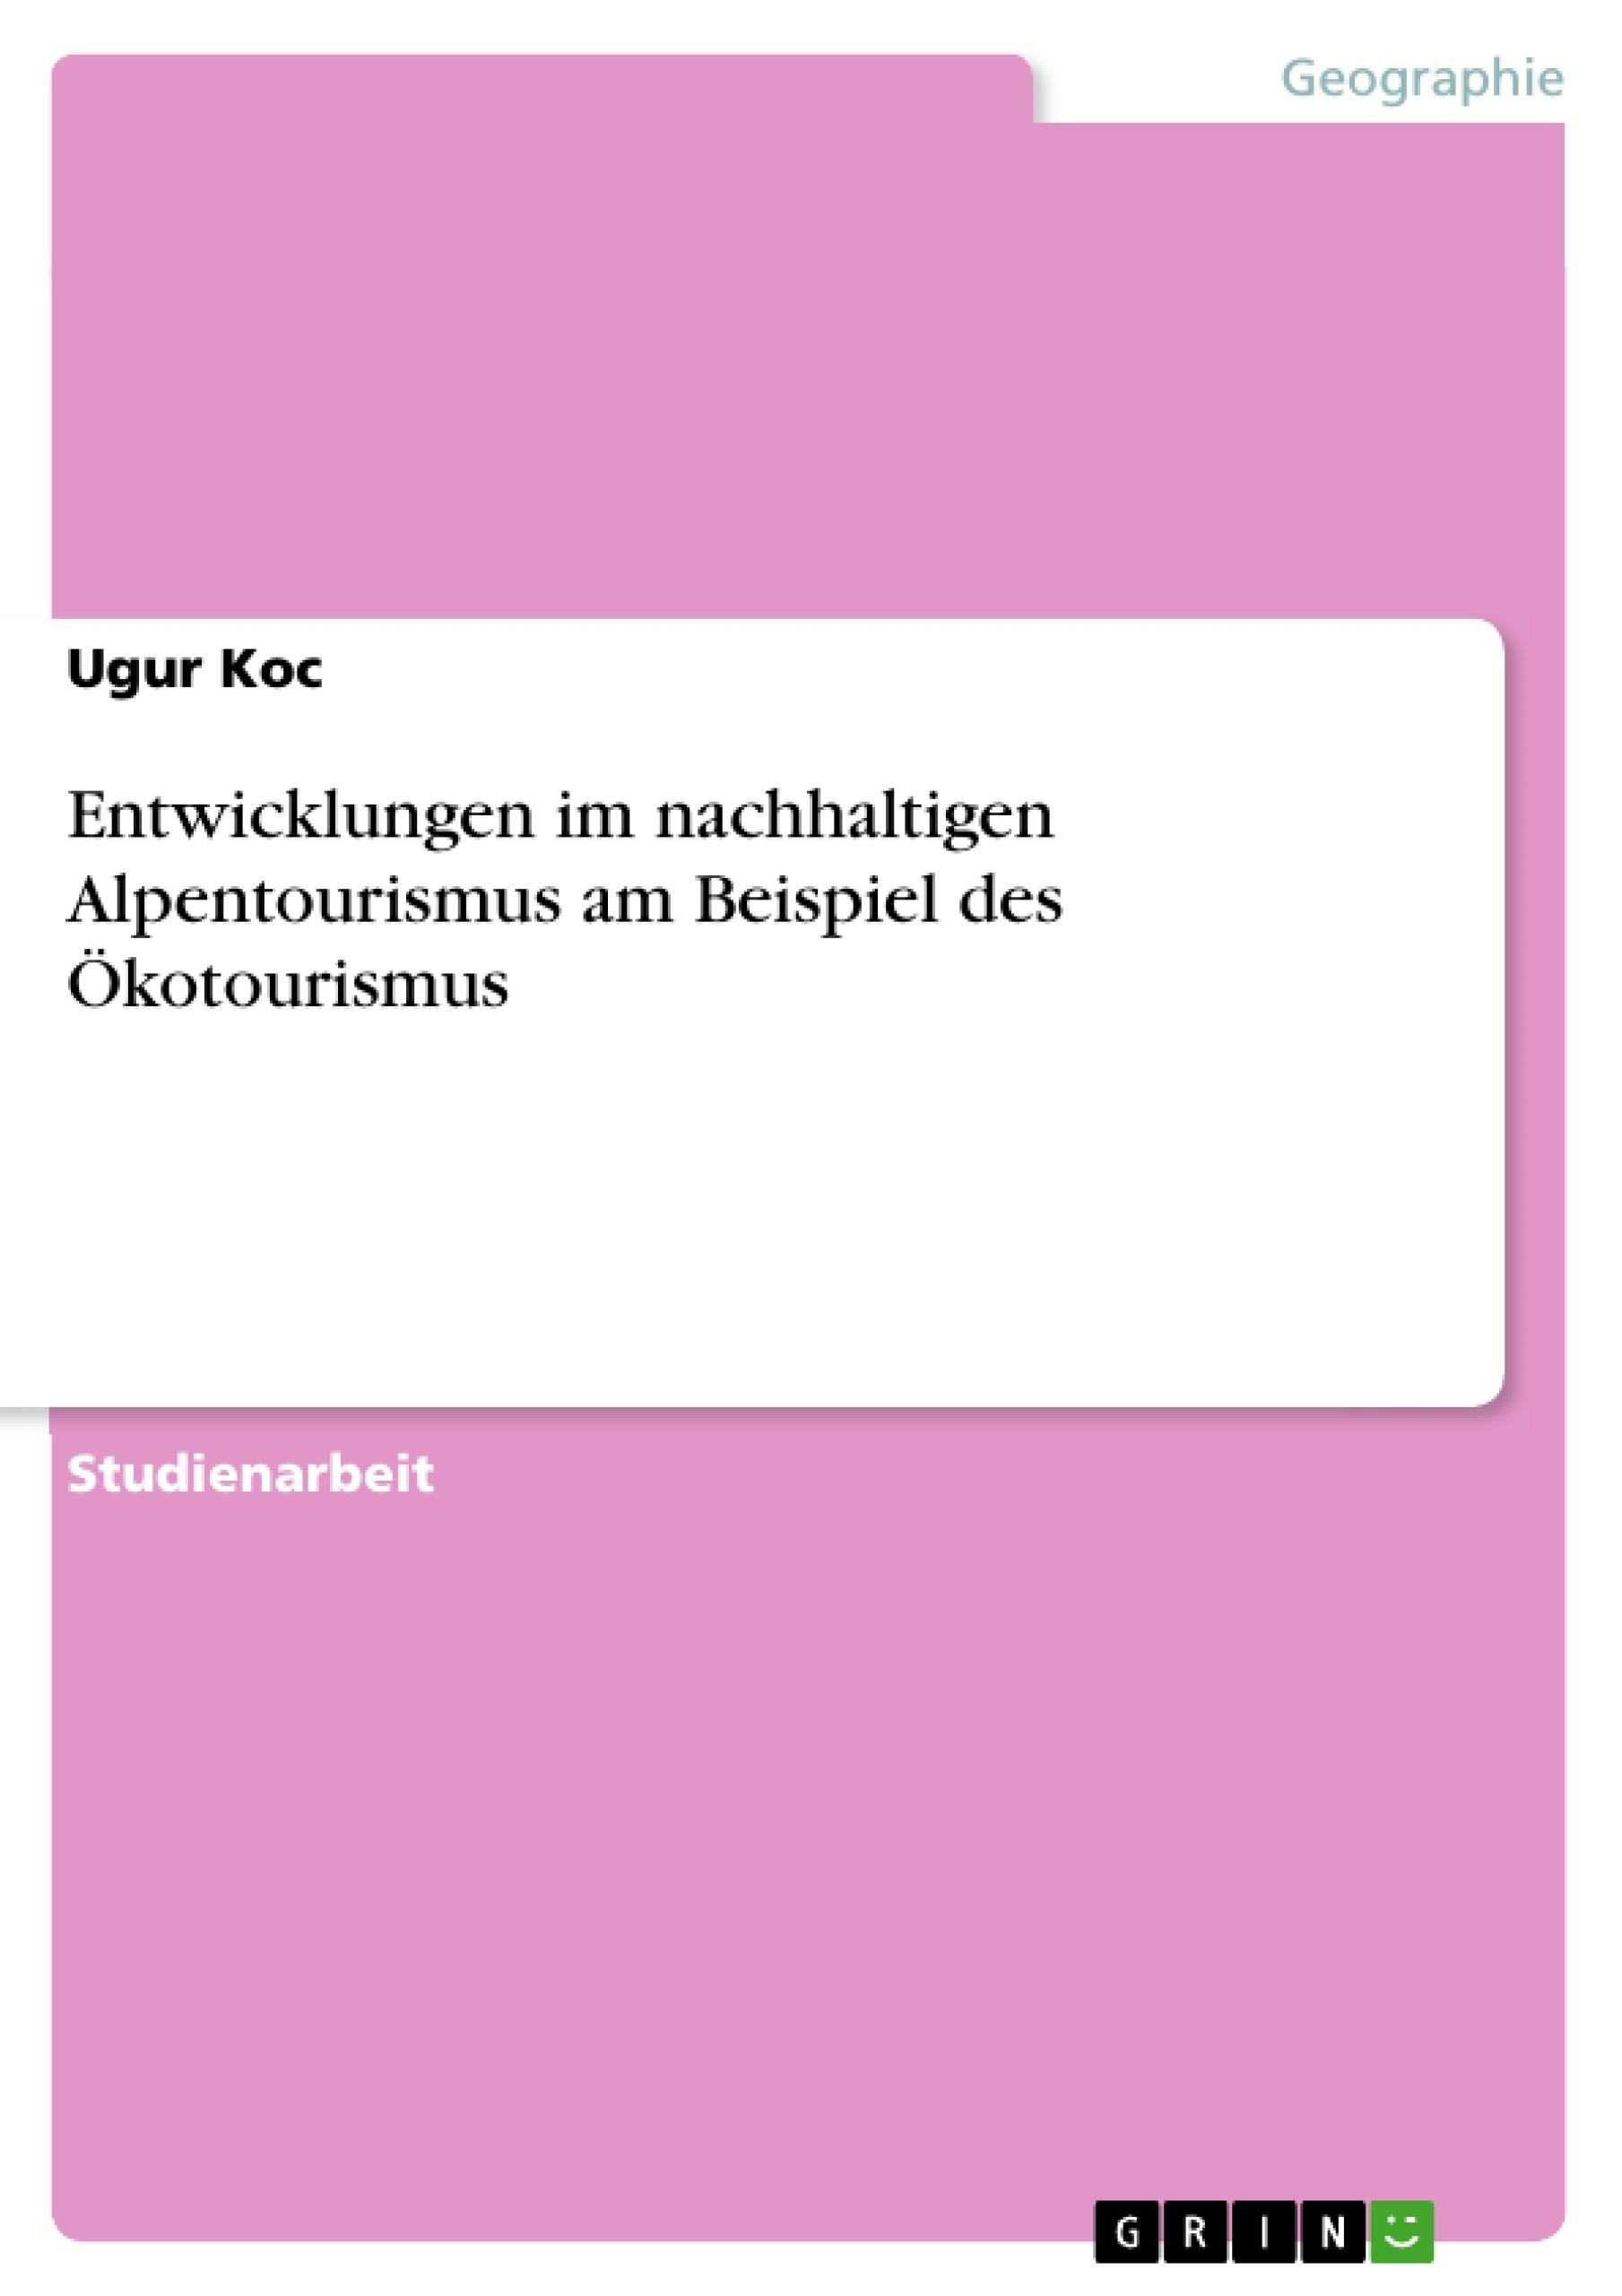 Titel: Entwicklungen im nachhaltigen Alpentourismus am Beispiel des Ökotourismus